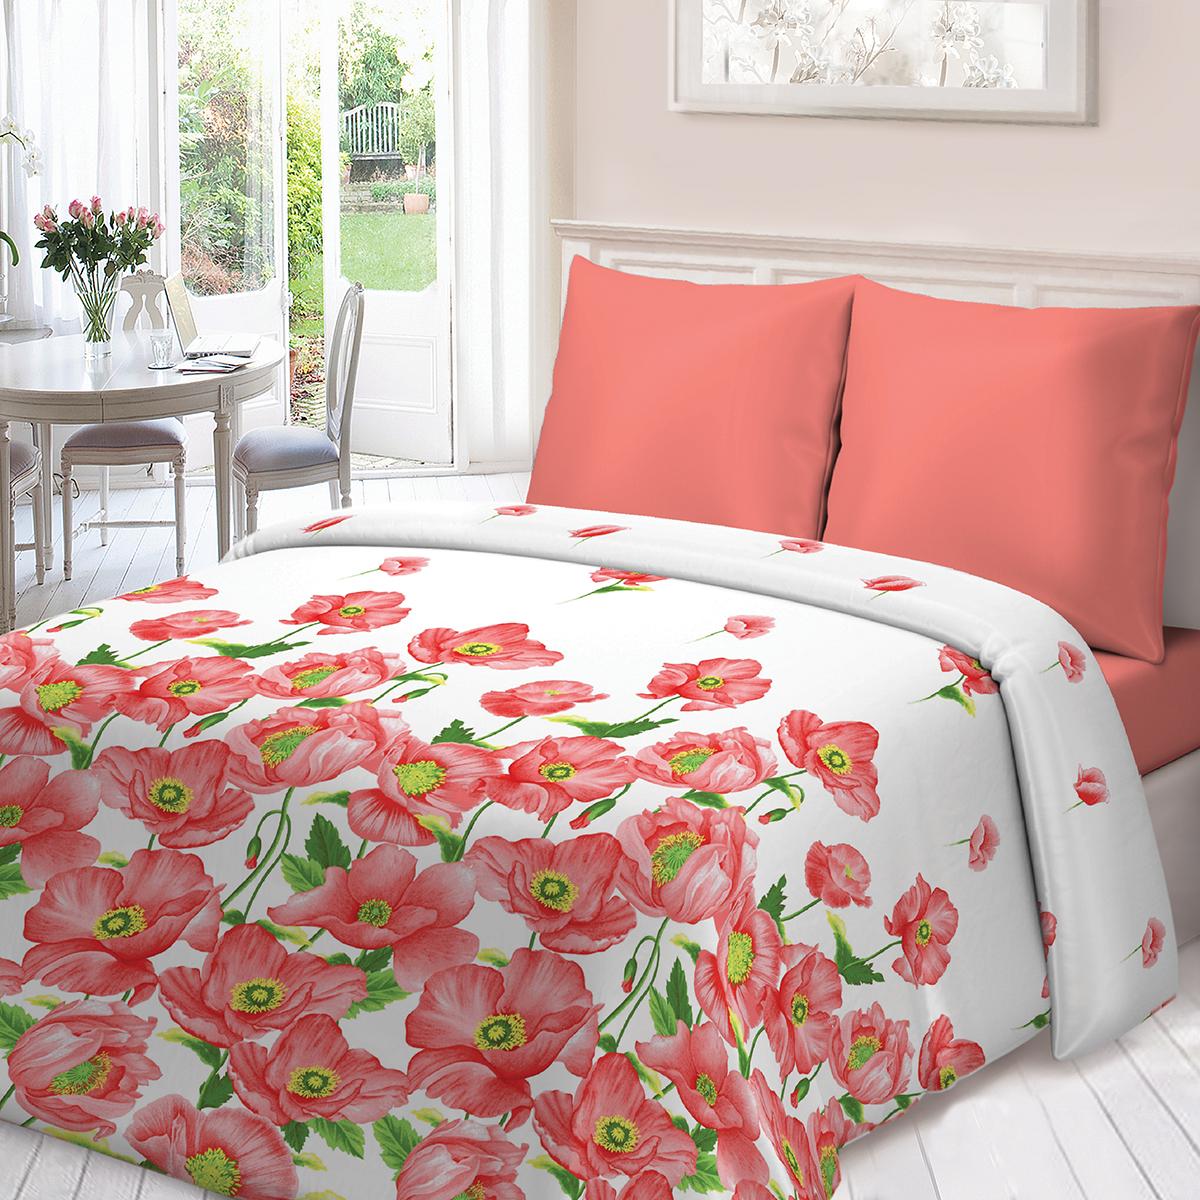 Комплект белья Для Снов Маки, евро, наволочки 70х70, цвет: коралловый комплекты белья